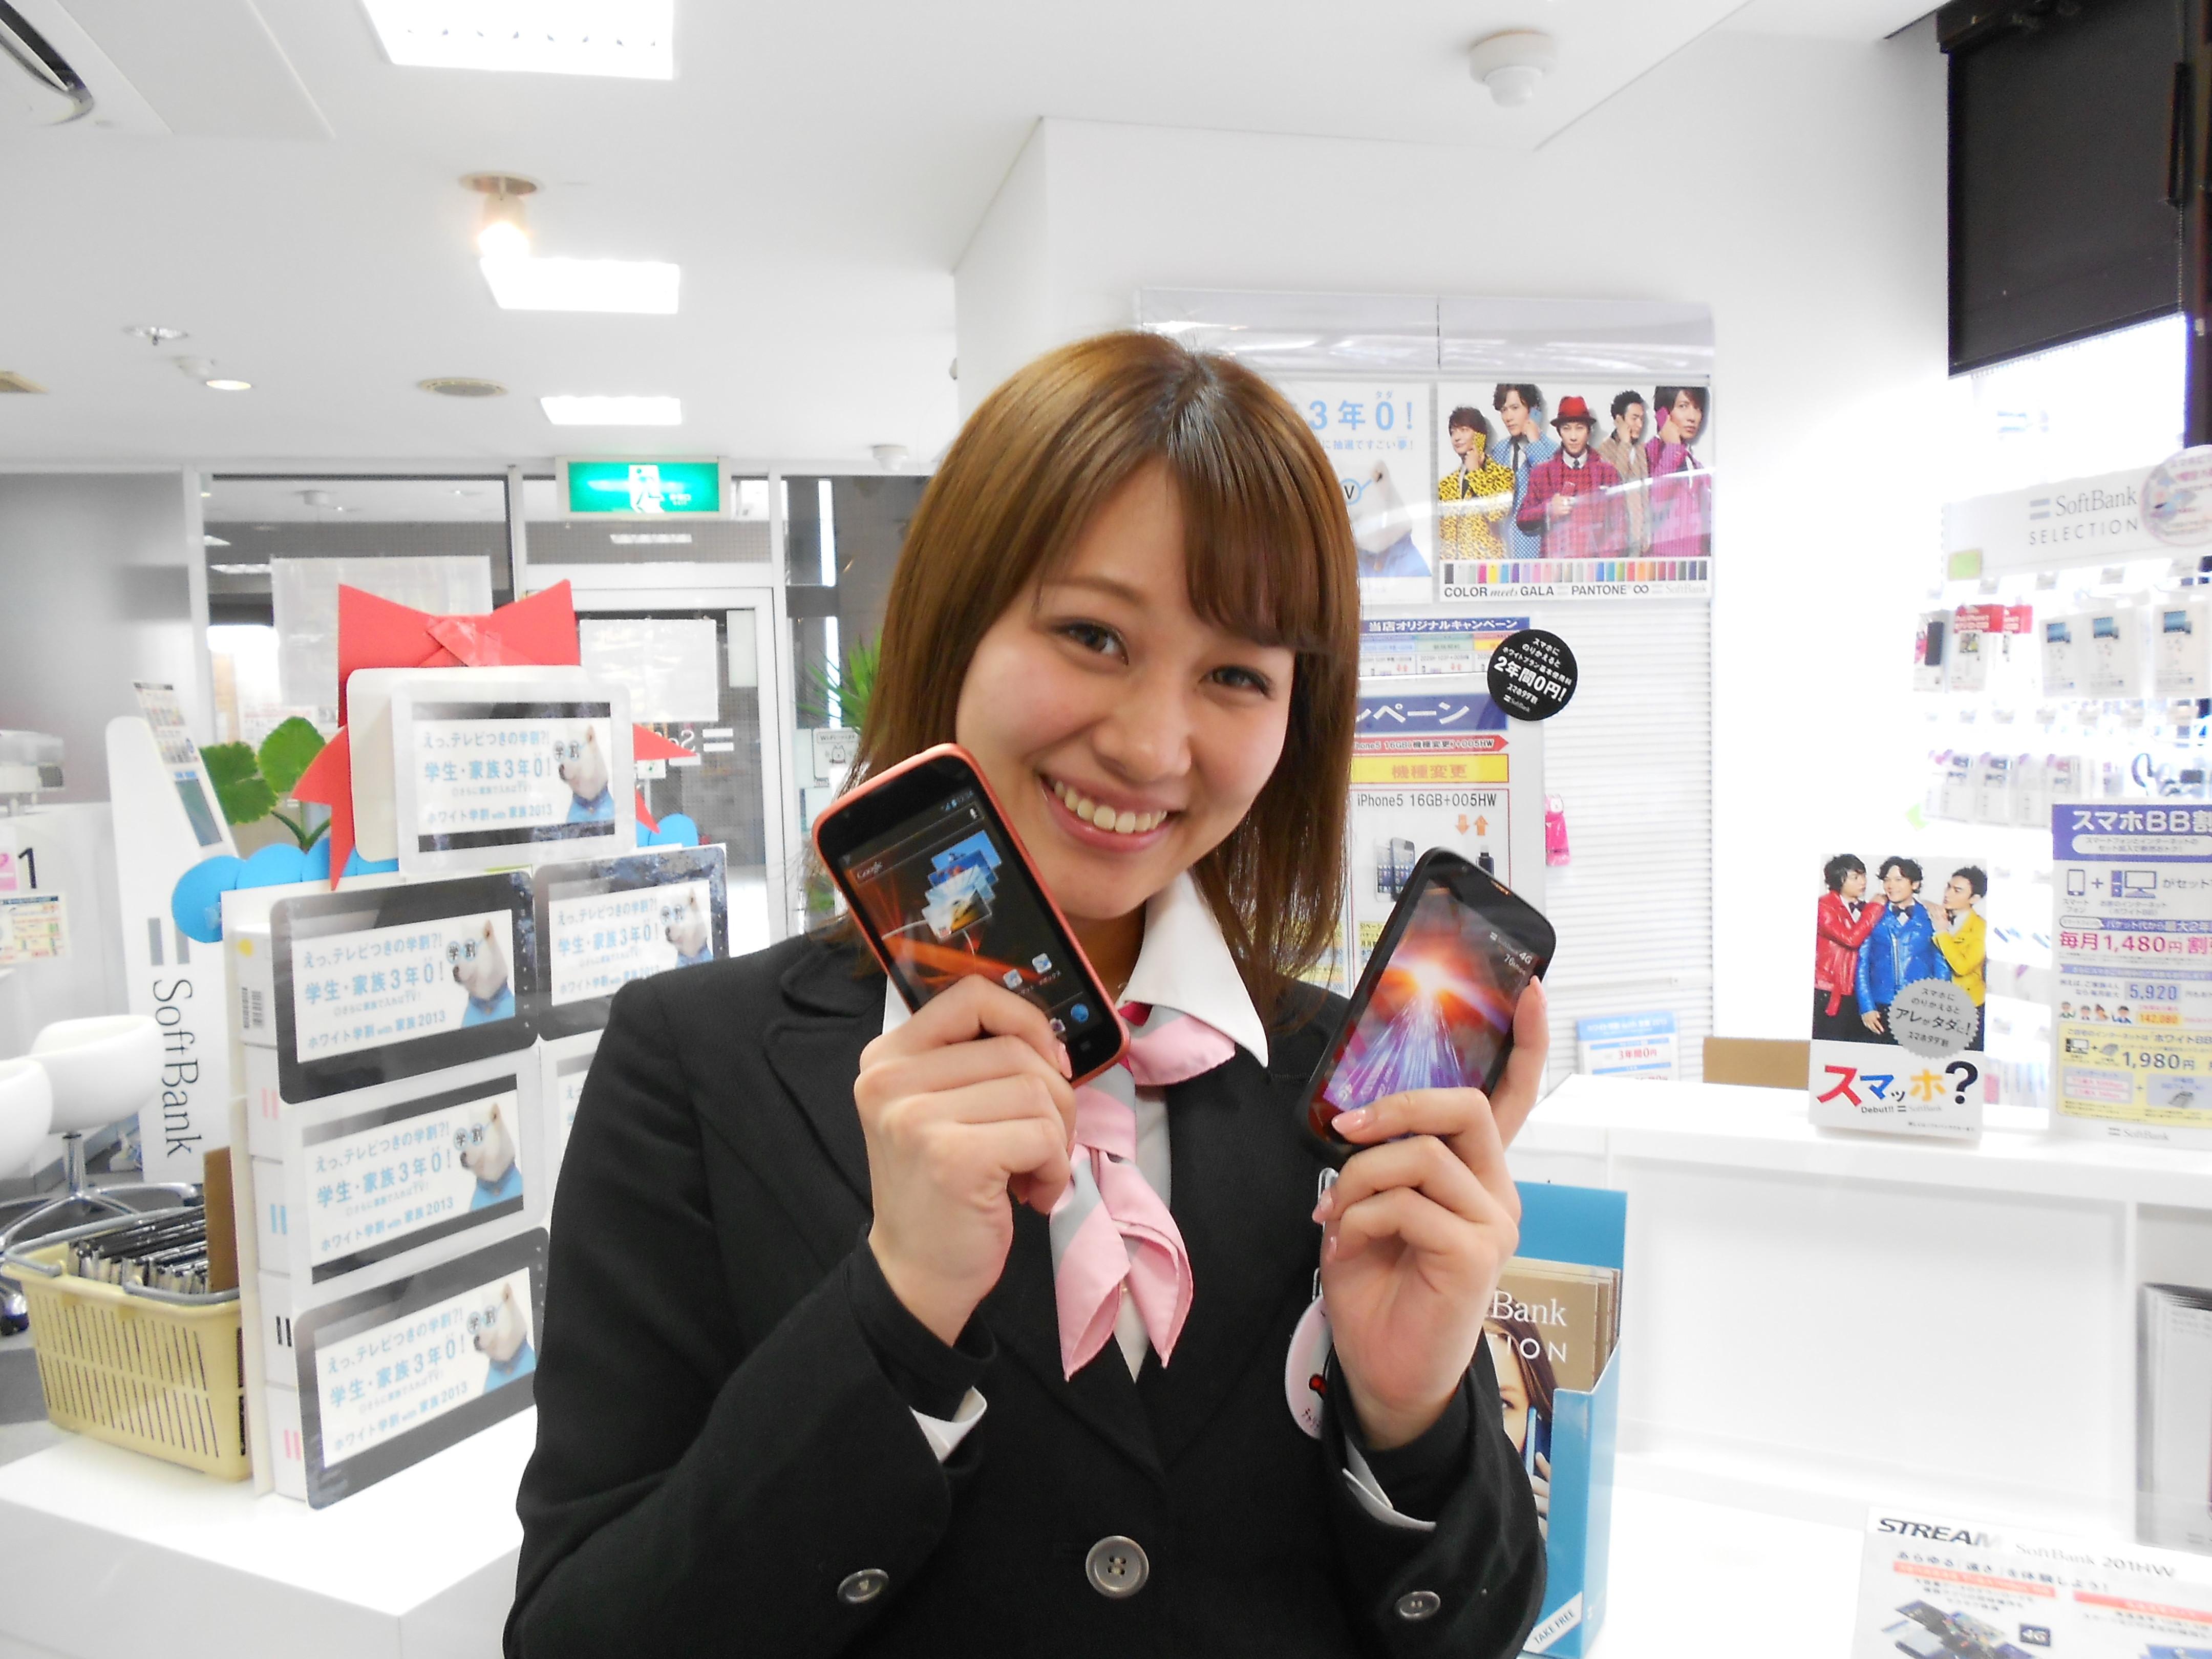 ワイモバイル 新杉田(株式会社シエロ)のアルバイト情報